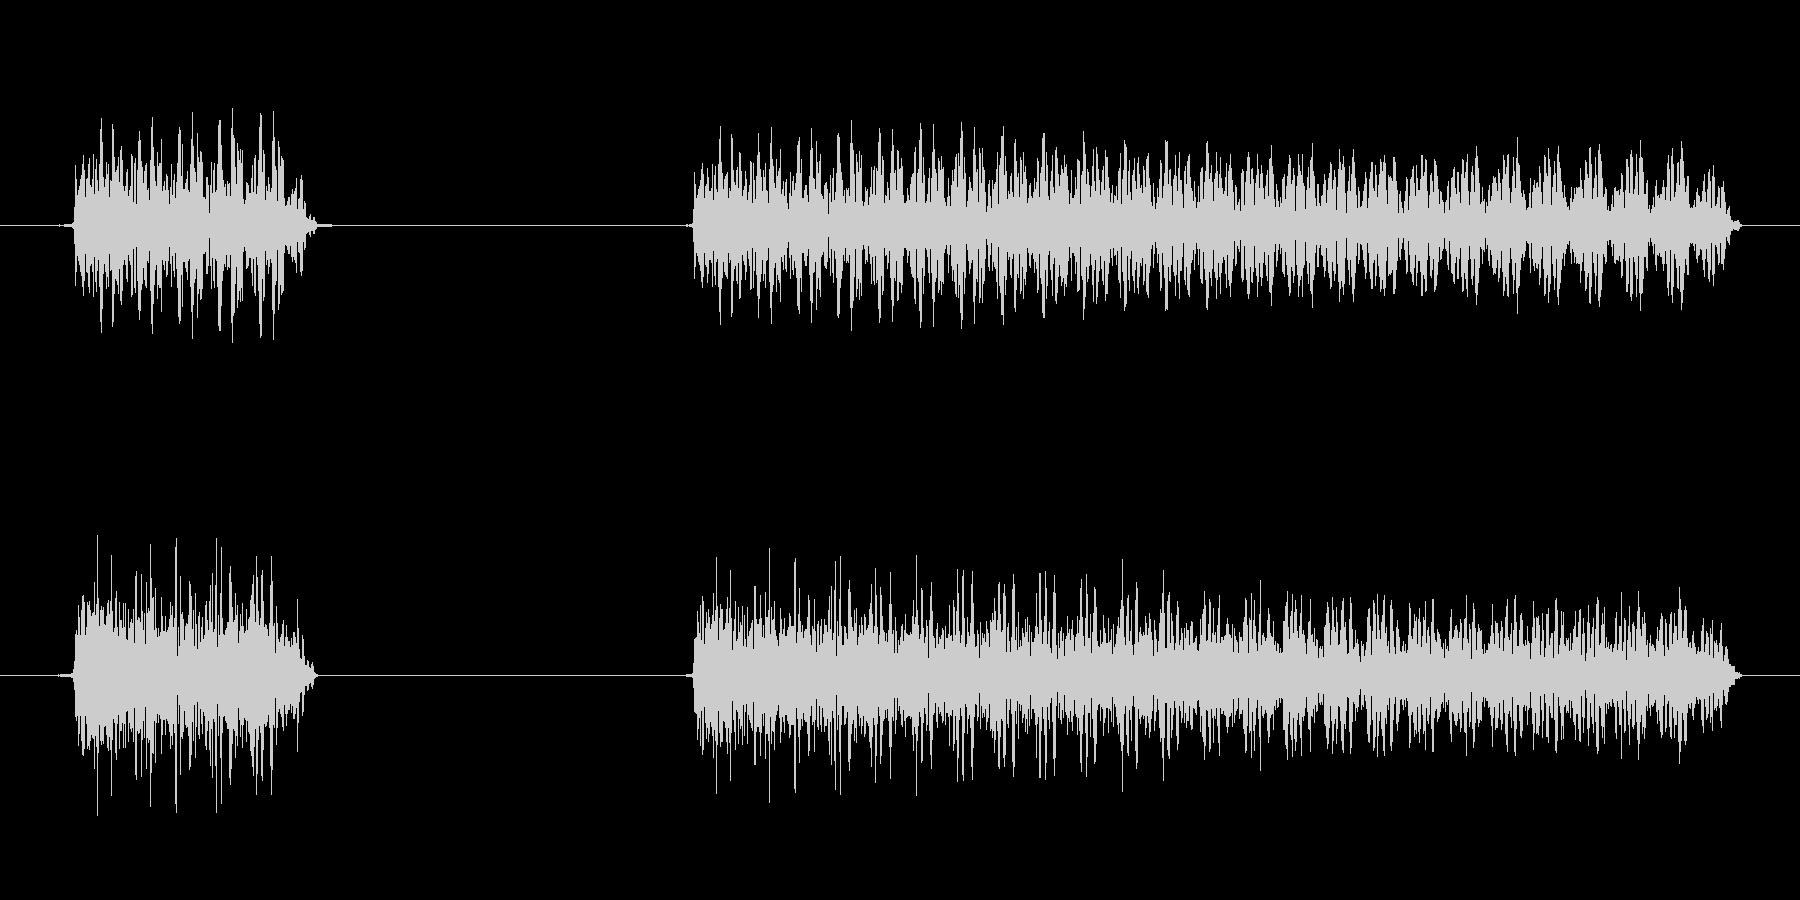 ゲーム、クイズ(ブー音)_008の未再生の波形